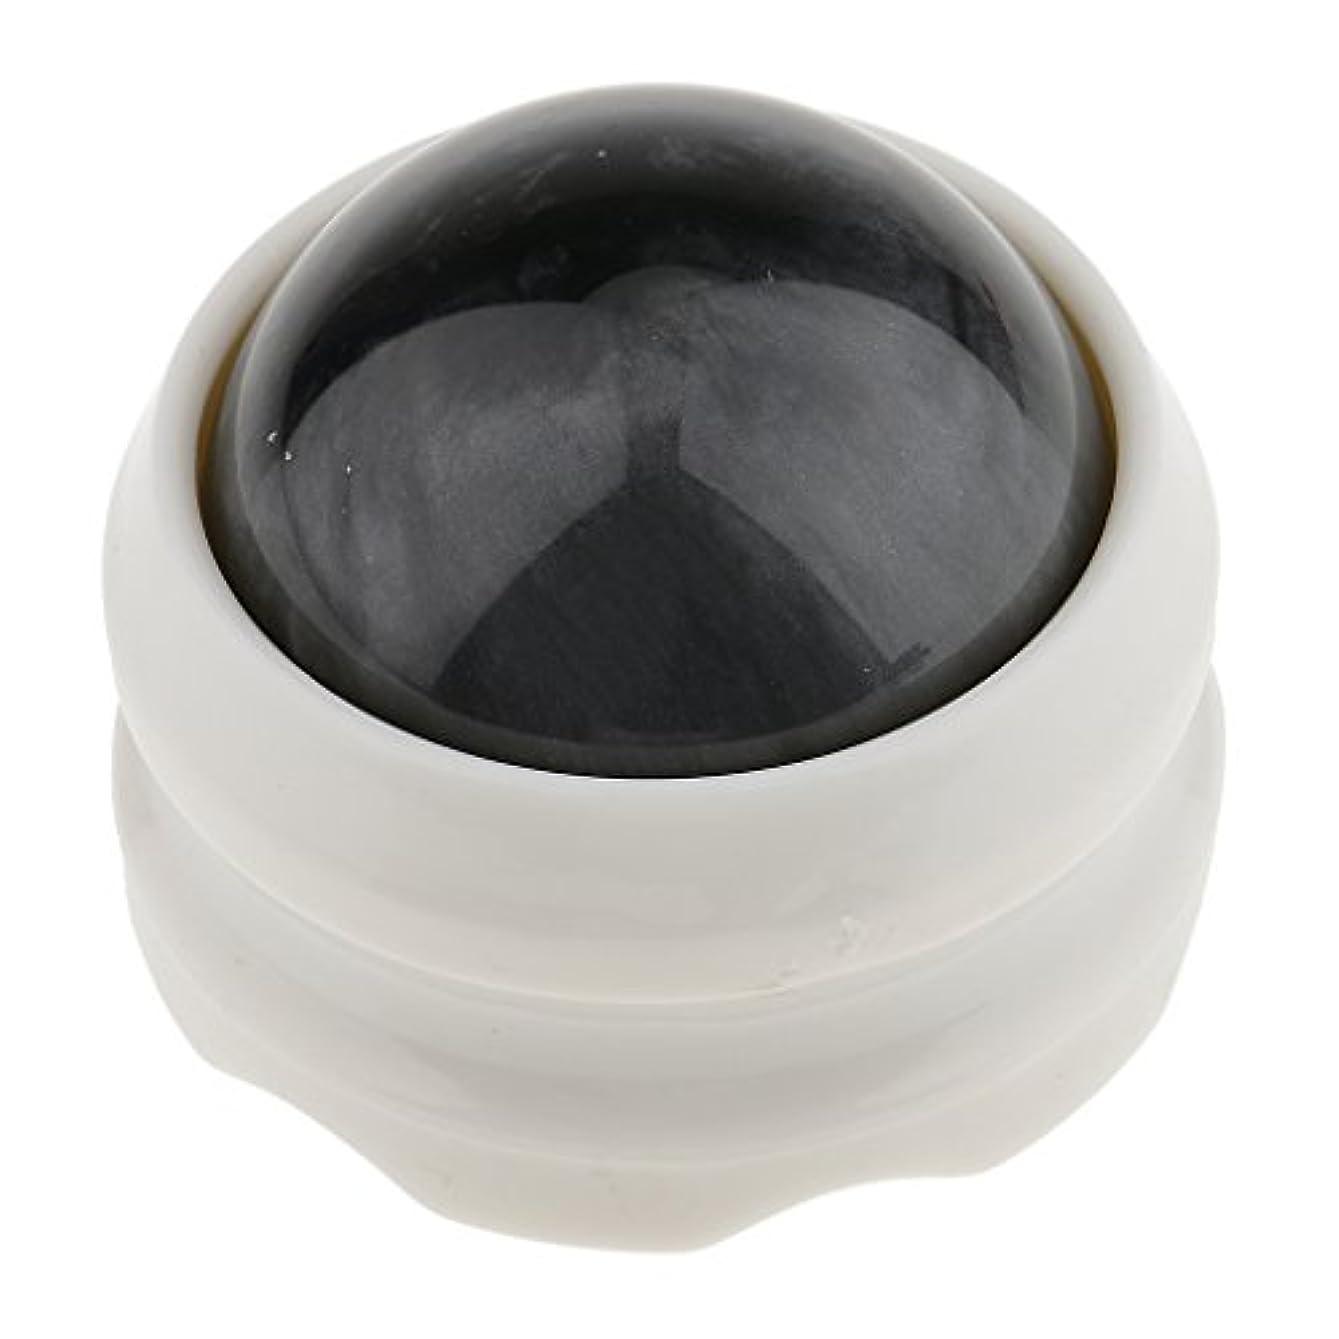 アスリートマエストロ形容詞SONONIA マッサージ ローラーボール ボディ バック ネック フット セルフマッサージ ツール 全4色 - グレーホワイト